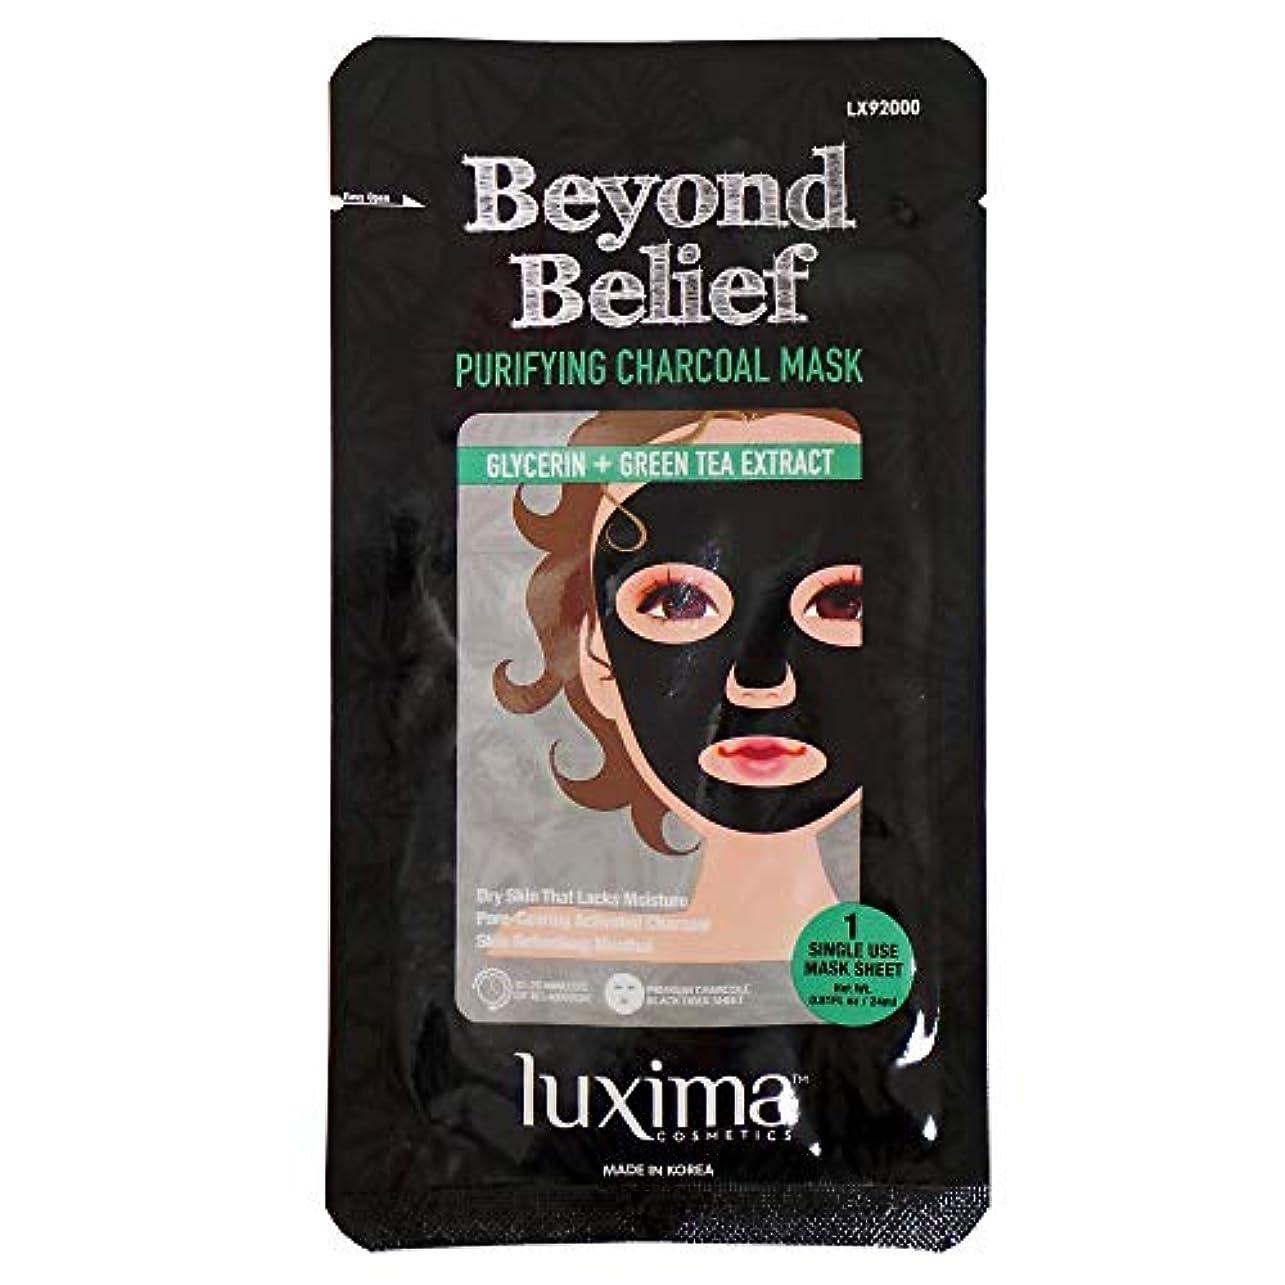 試す会計心理的(3 Pack) LUXIMA Beyond Belief Purifying Charcoal Mask (並行輸入品)